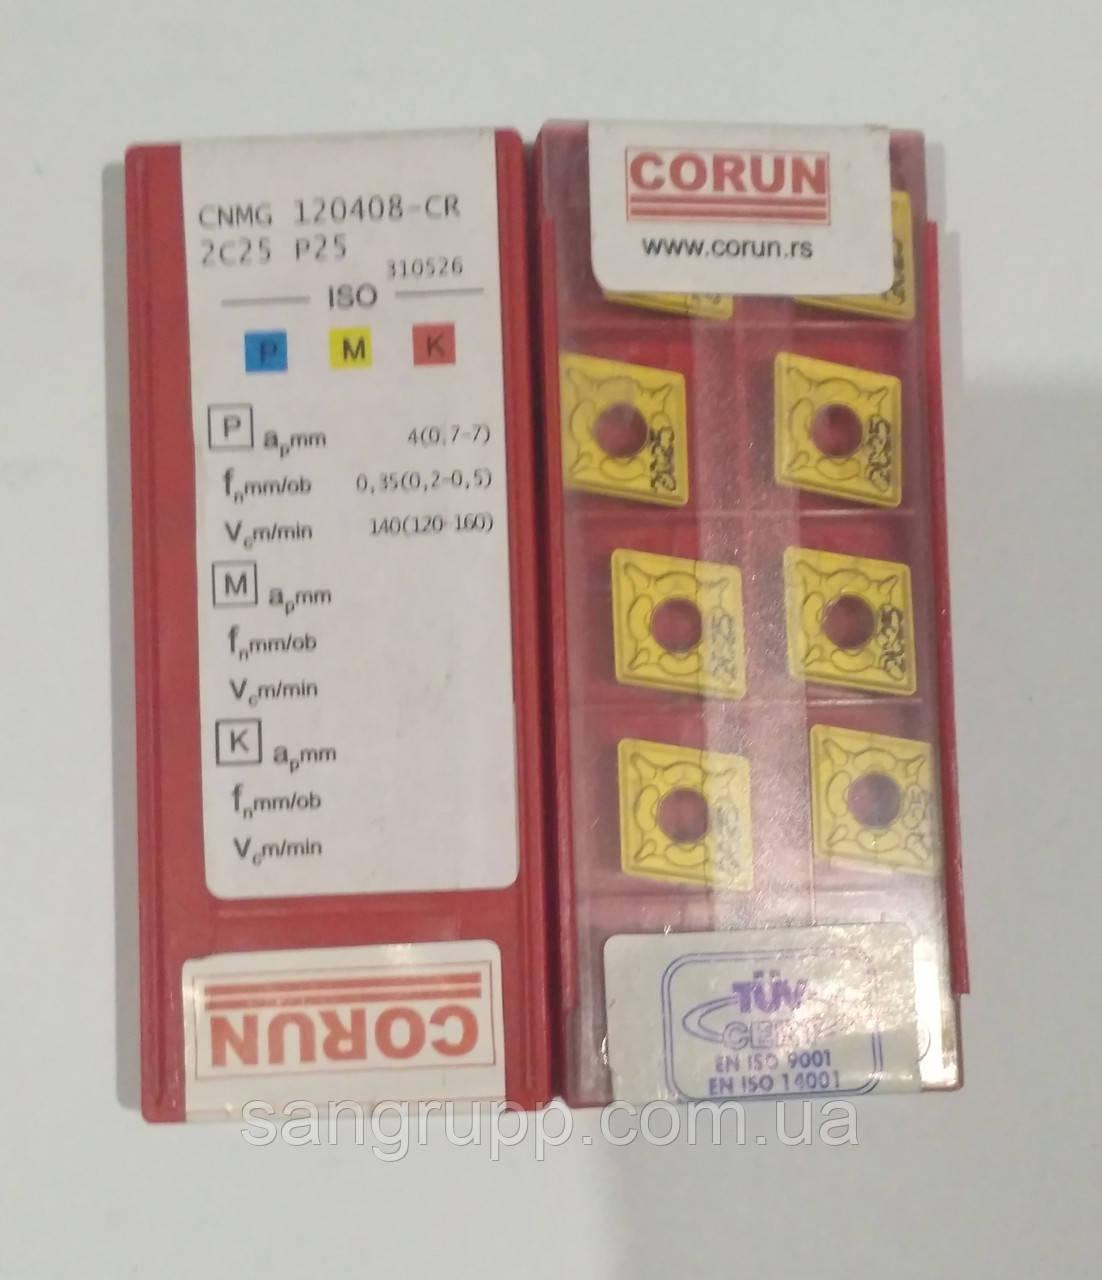 CNMG 120408-CM 735 P25 твердосплавна Пластина CORUN